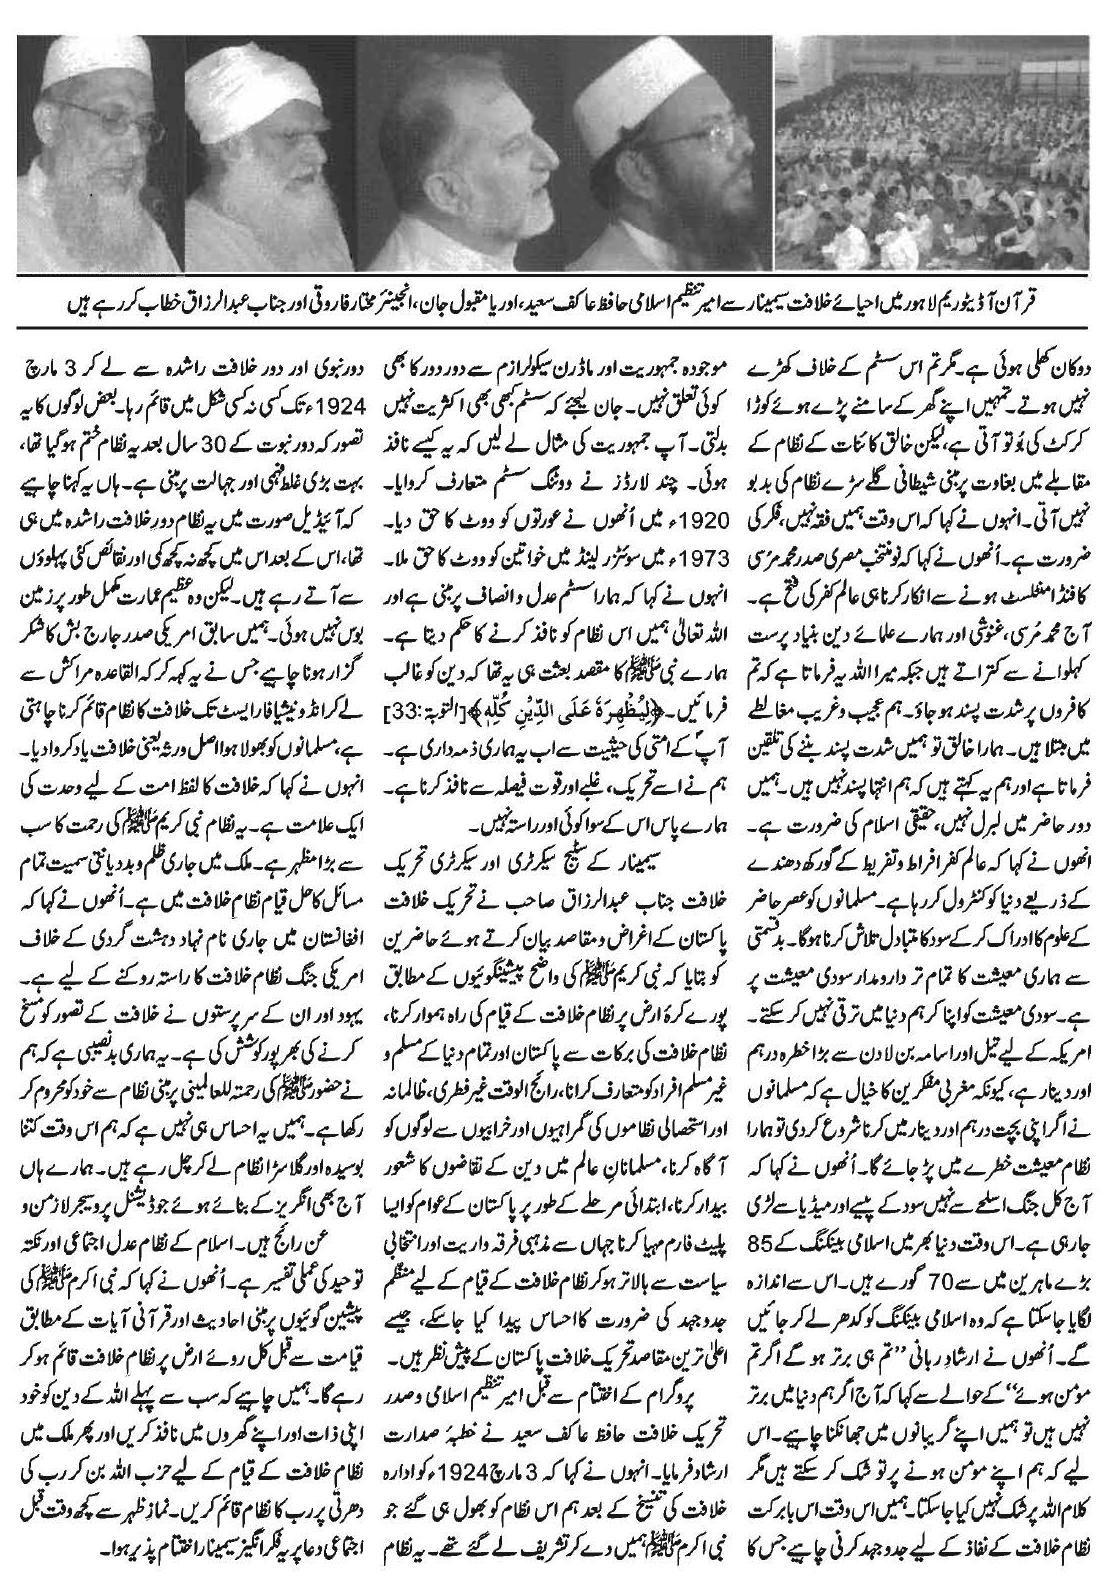 Urdu Seminar On Revival Of Caliphate System By Waseem Ahmed